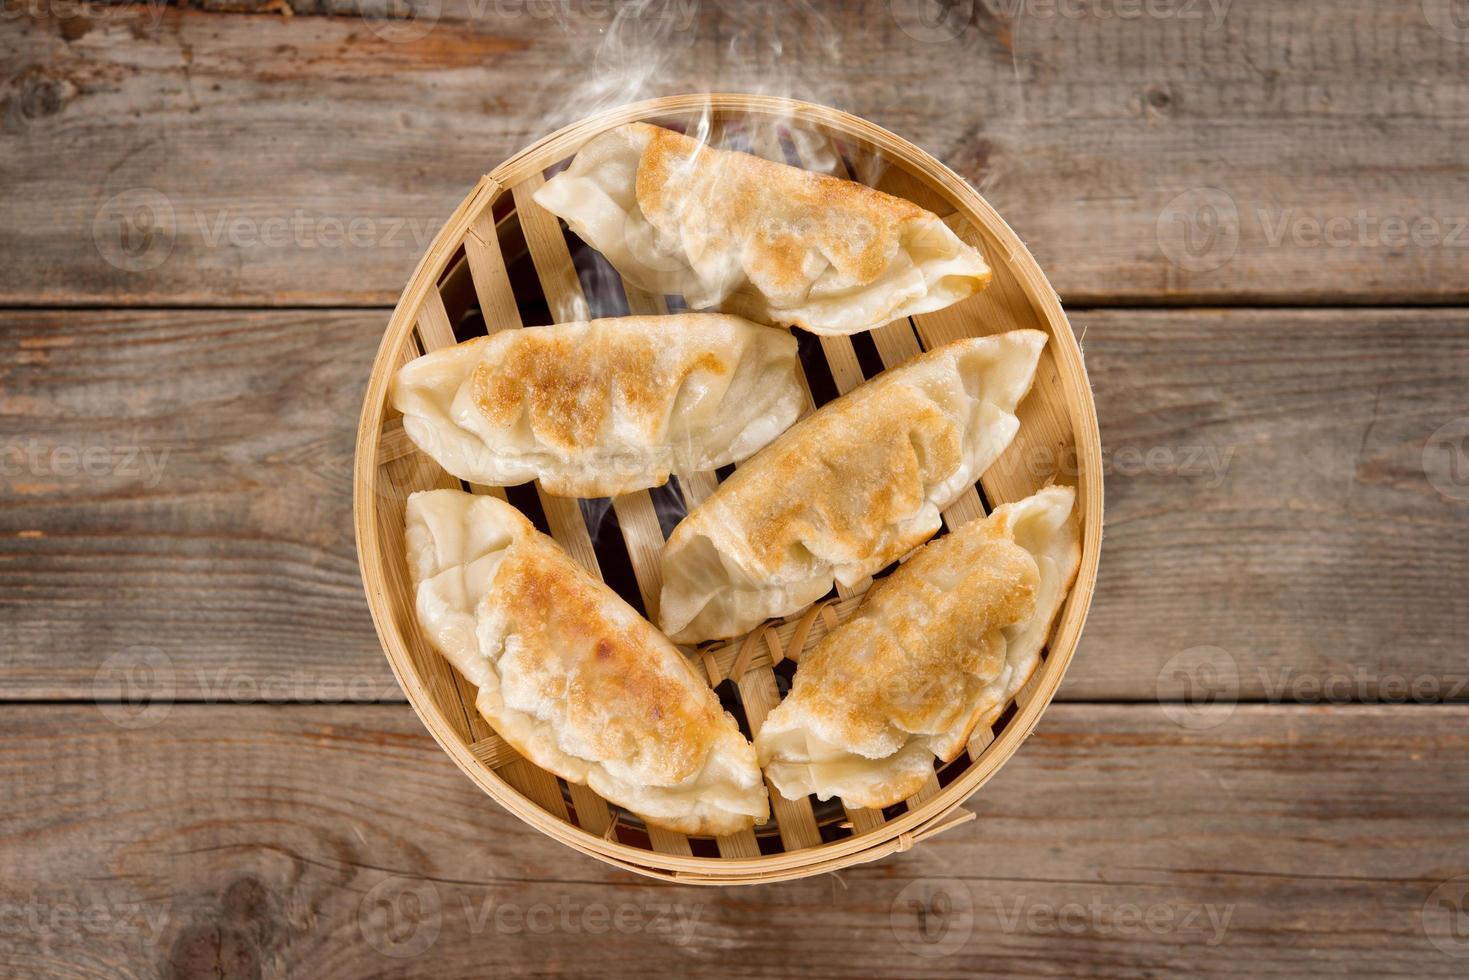 cozinha chinesa pan bolinhos fritos foto